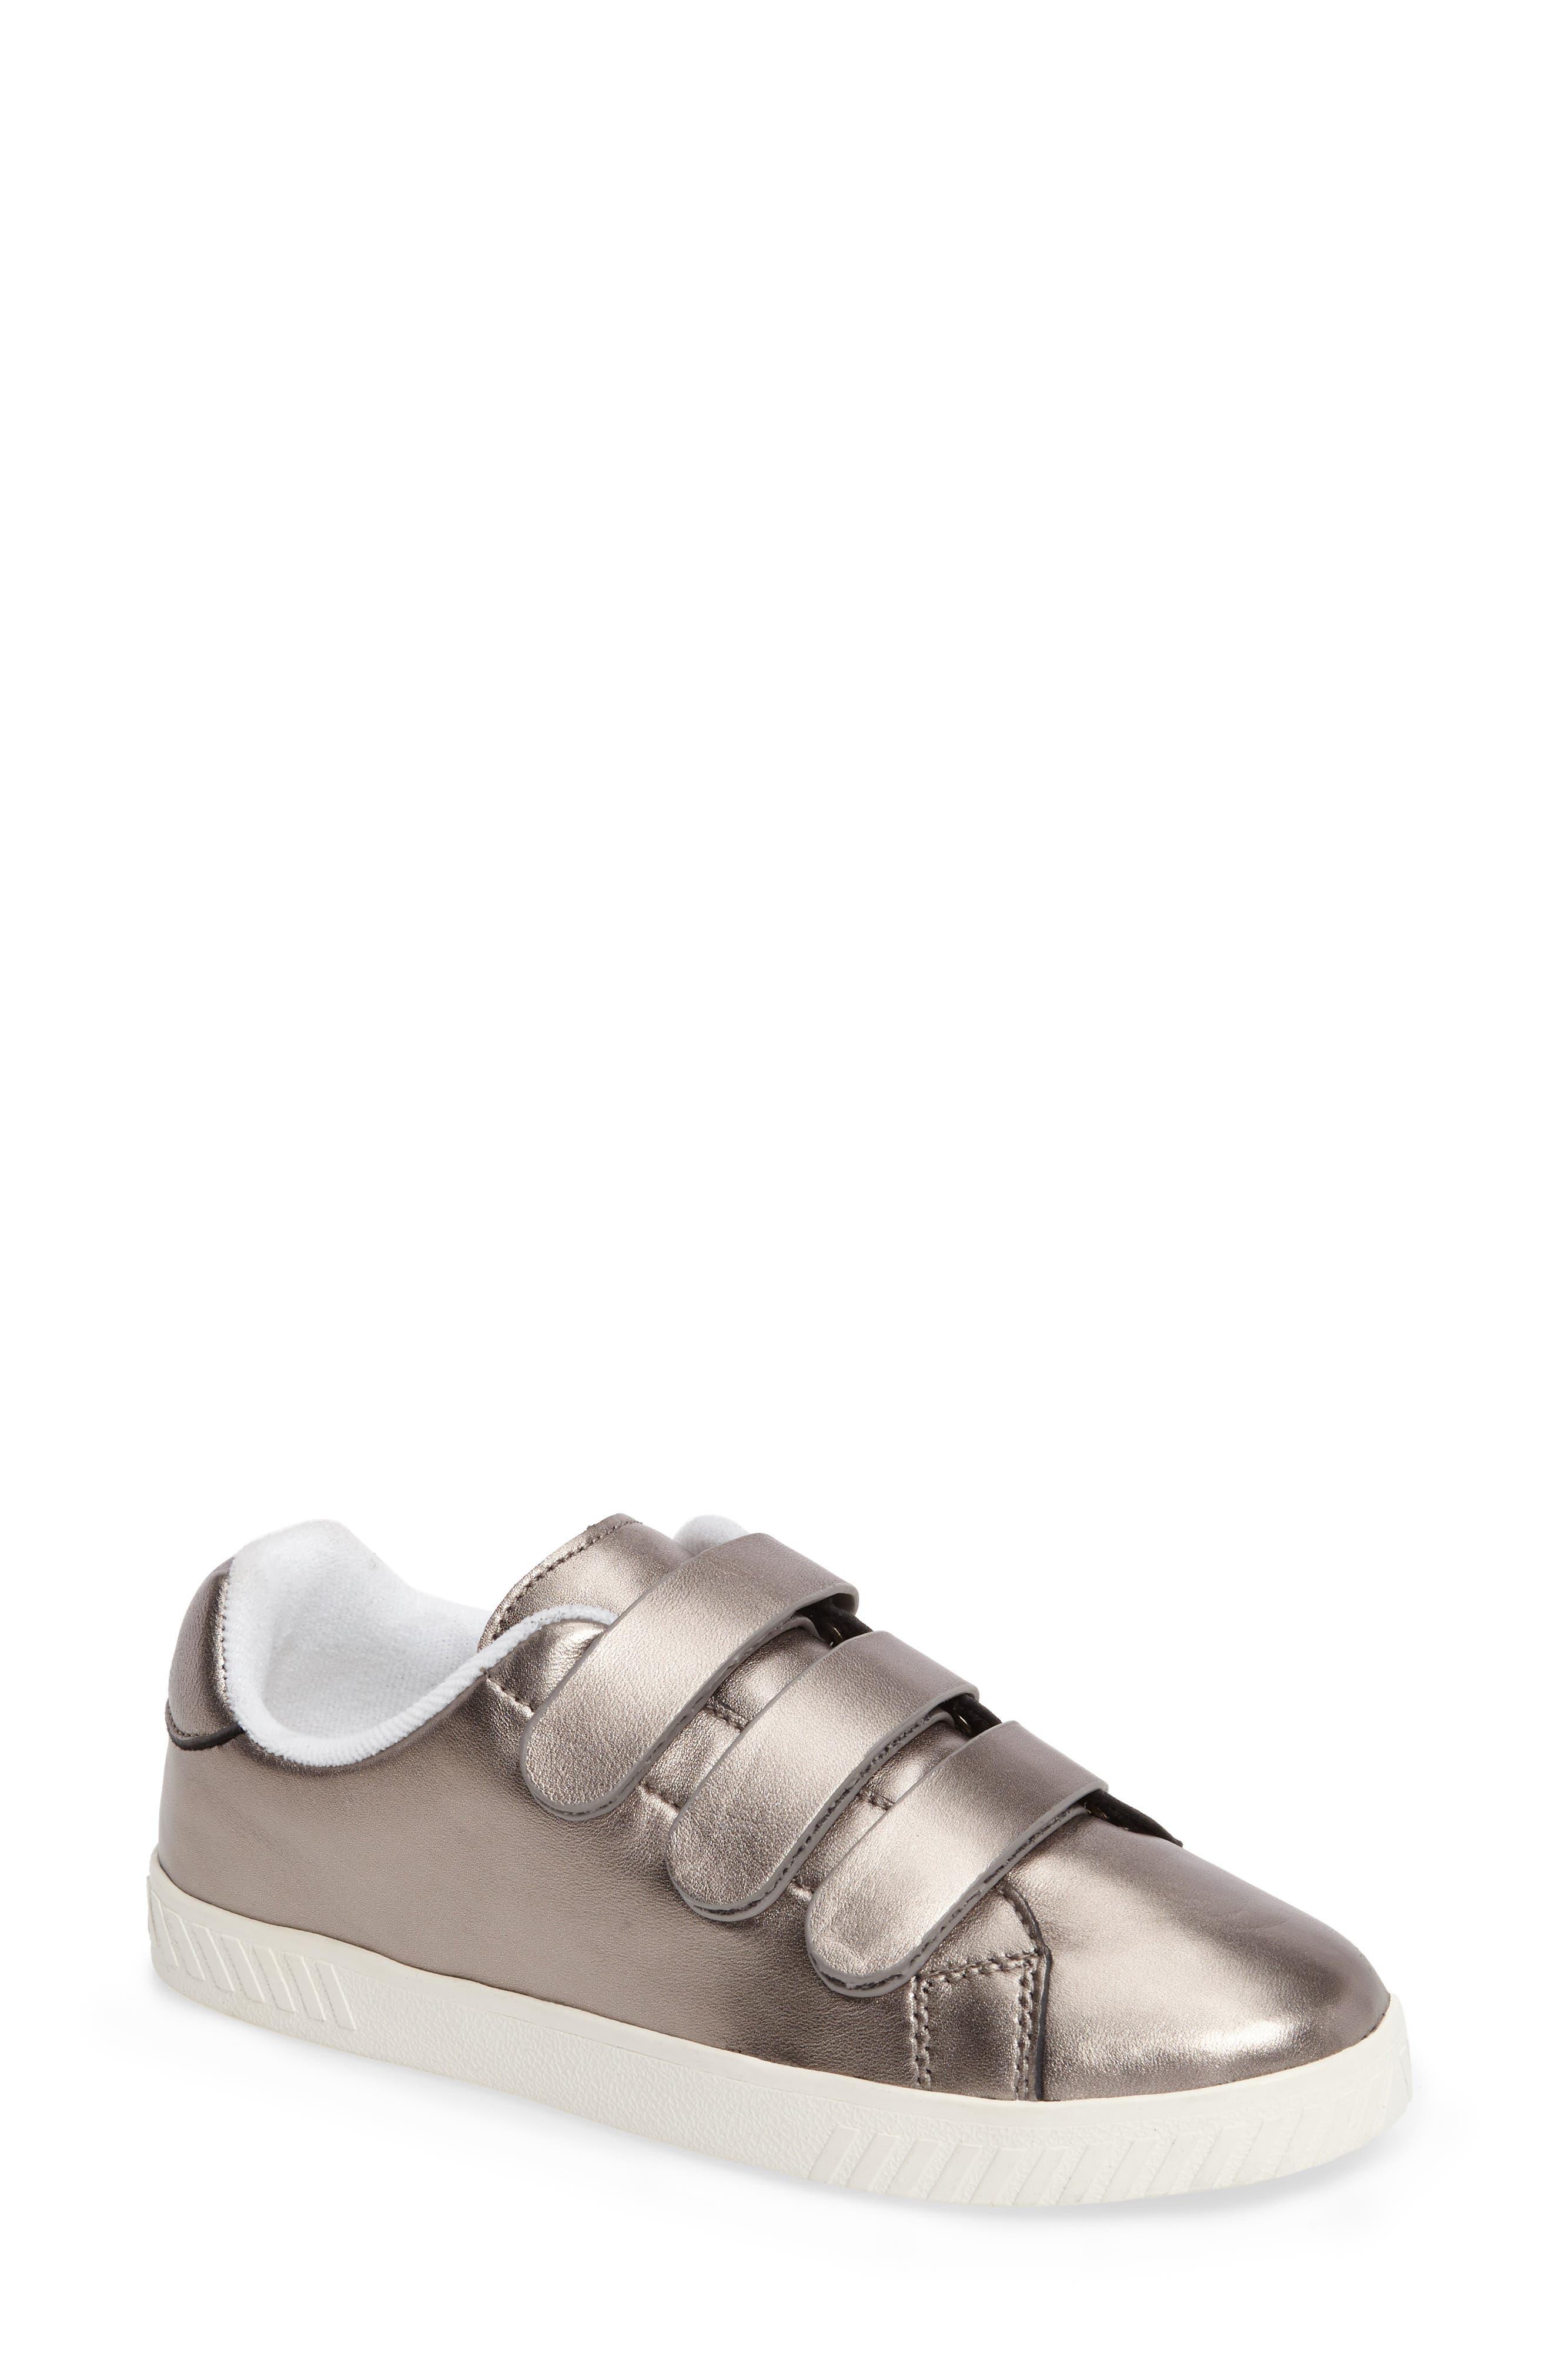 Tretorn Carry Sneaker (Women)